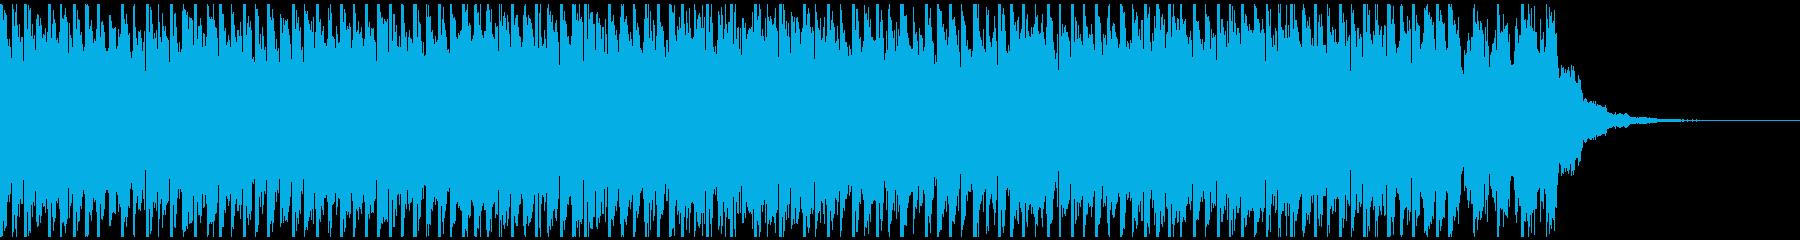 サマーパーティー(30秒)の再生済みの波形